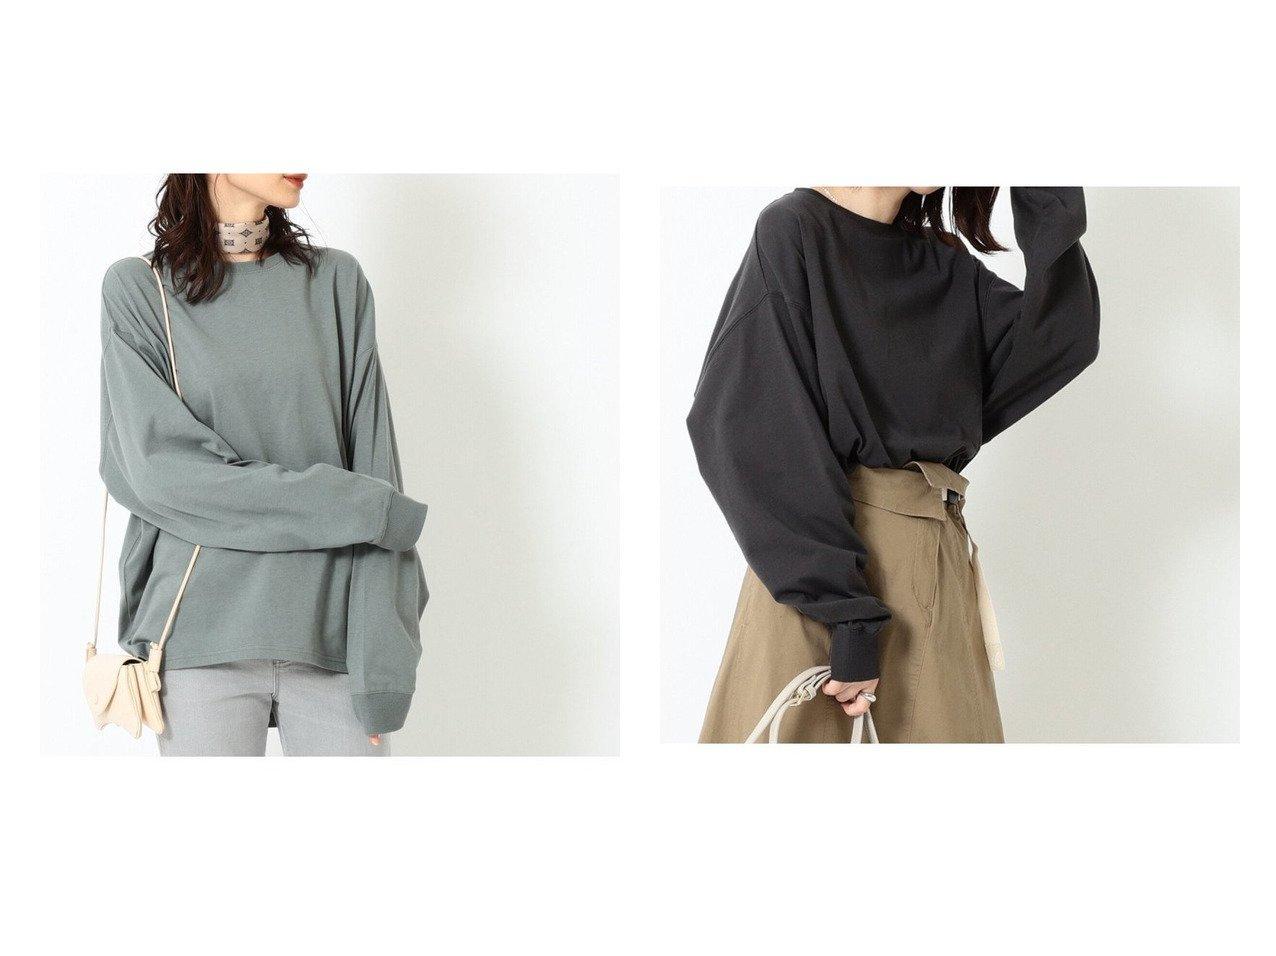 【B:MING by BEAMS/ビーミング by ビームス】のオーガニックコットン ロングスリーブ Tシャツ 21SS 【トップス・カットソー】おすすめ!人気、トレンド・レディースファッションの通販 おすすめで人気の流行・トレンド、ファッションの通販商品 メンズファッション・キッズファッション・インテリア・家具・レディースファッション・服の通販 founy(ファニー) https://founy.com/ ファッション Fashion レディースファッション WOMEN トップス・カットソー Tops/Tshirt シャツ/ブラウス Shirts/Blouses ロング / Tシャツ T-Shirts カットソー Cut and Sewn 2021年 2021 2021春夏・S/S SS/Spring/Summer/2021 S/S・春夏 SS・Spring/Summer おすすめ Recommend カットソー ショルダー スウェット スリーブ ドロップ ベスト ロング |ID:crp329100000034743